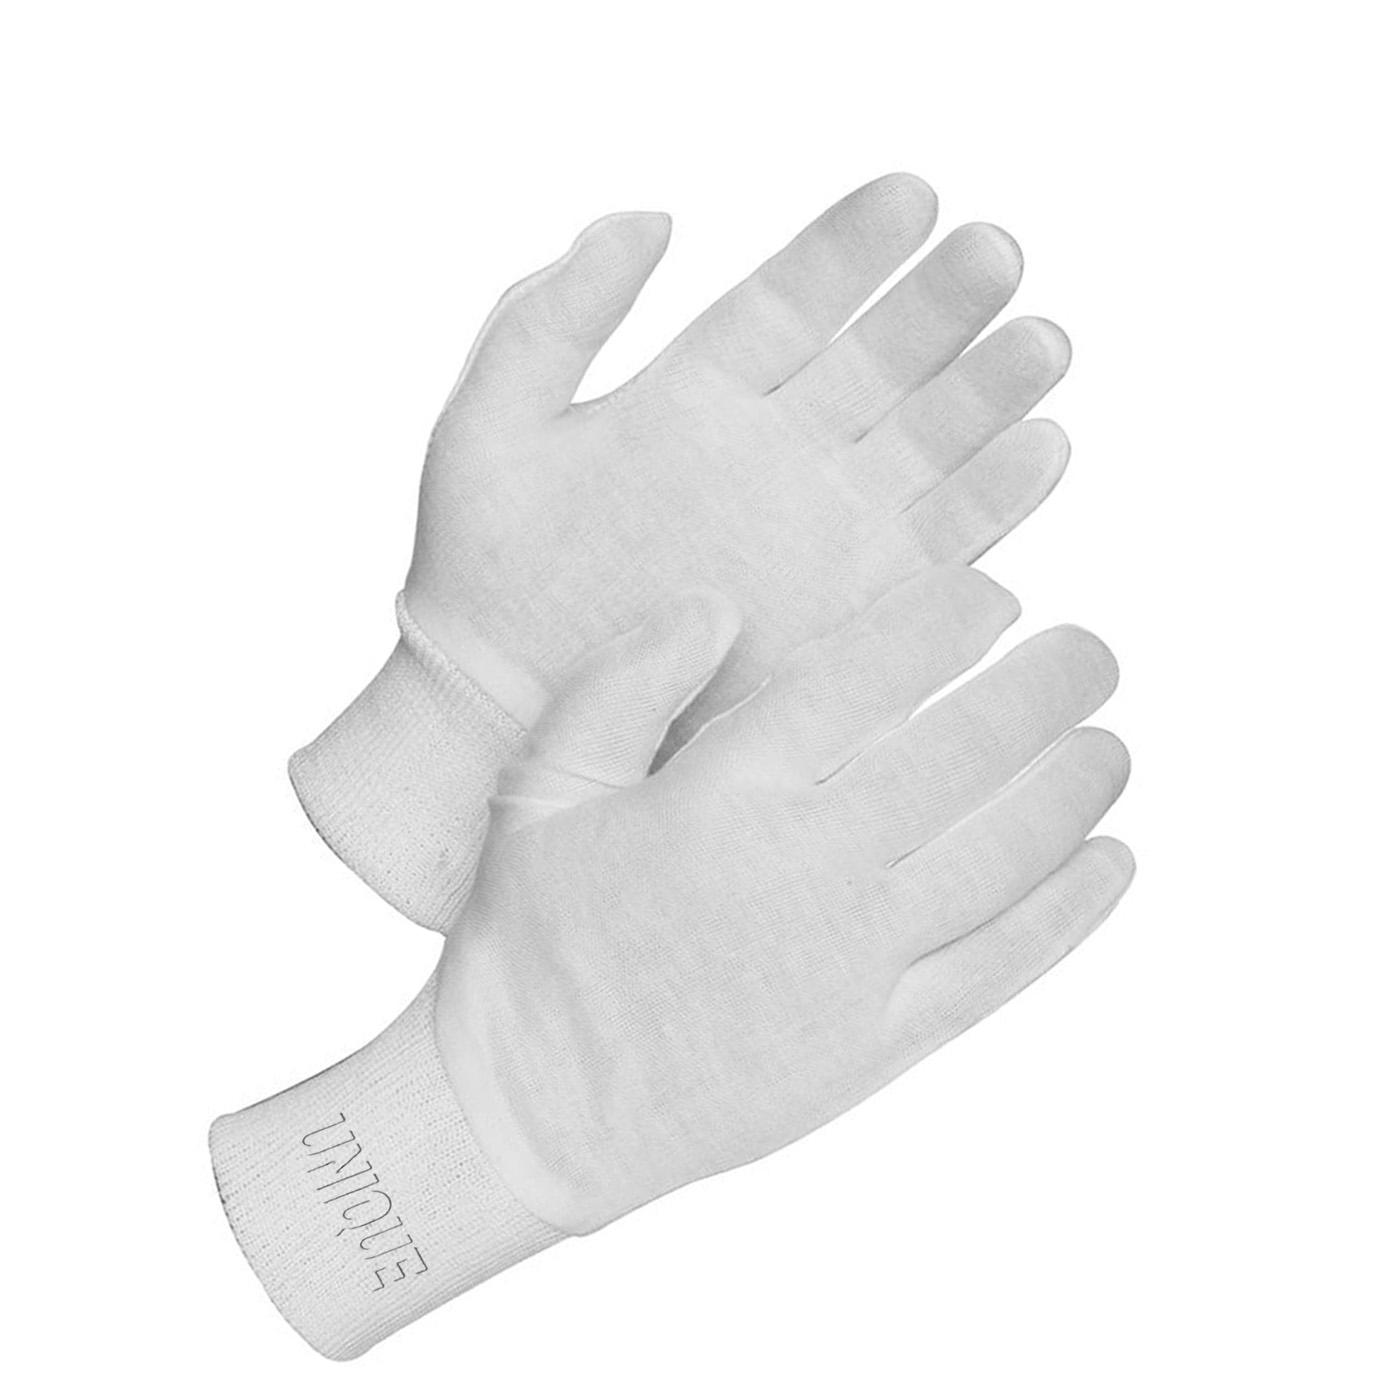 Cotton Glove Interlock